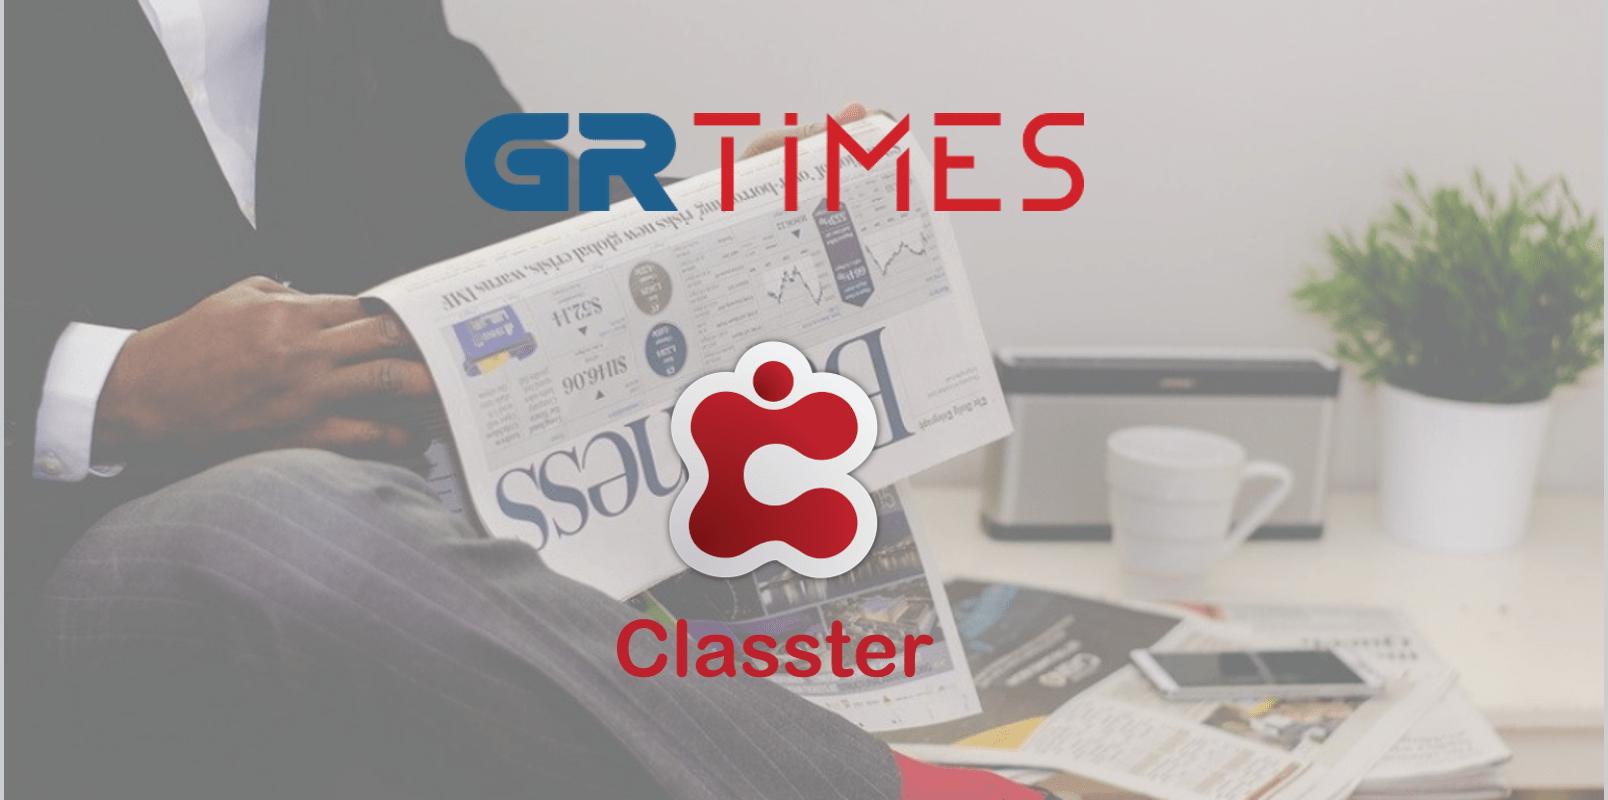 grtimes article-min